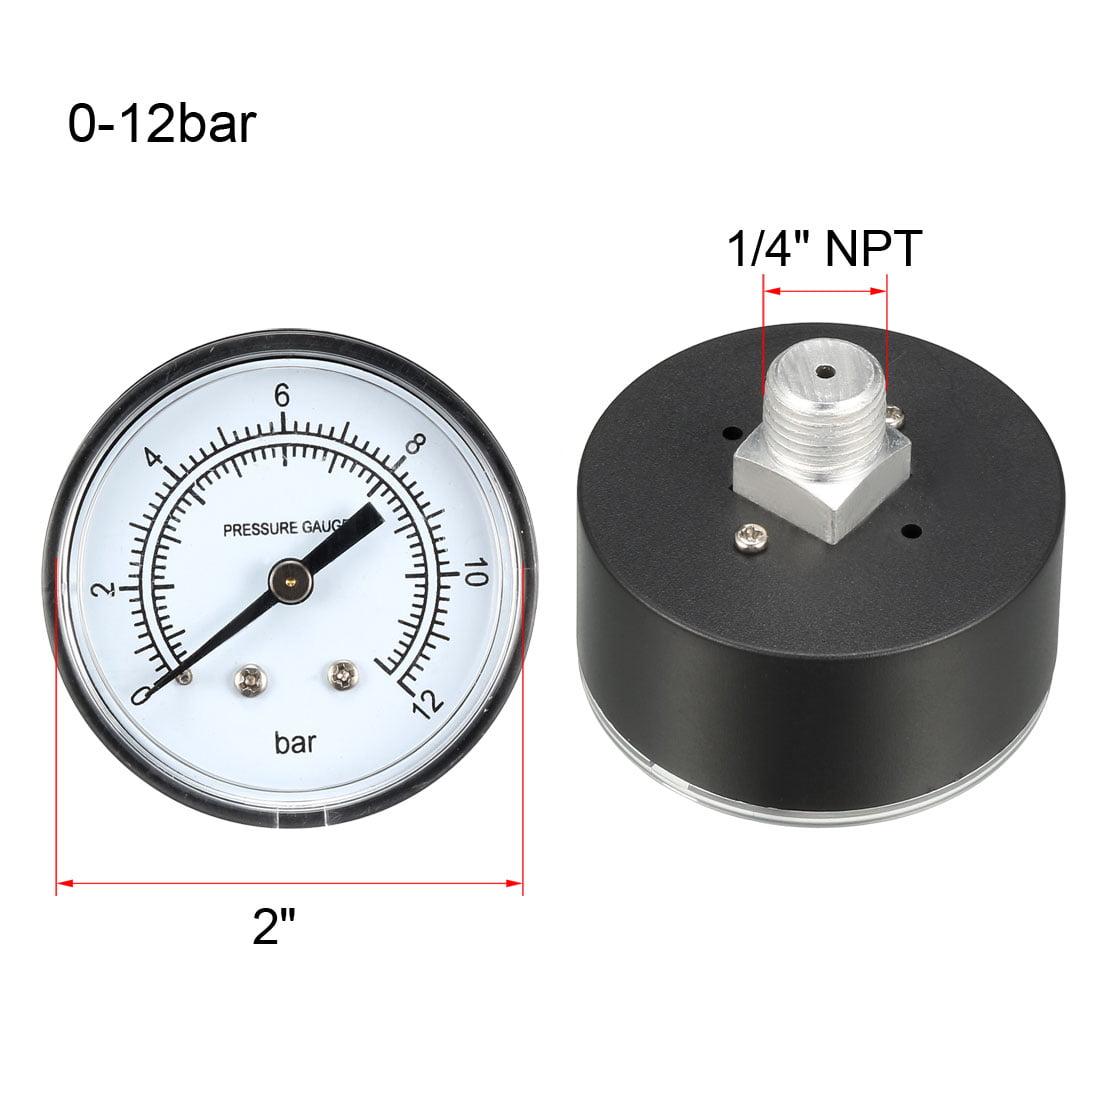 """Pressure Gauge , 0-12 BAR Dual Scale 2"""" Dial Display , 1/4"""" NPT - image 3 of 4"""